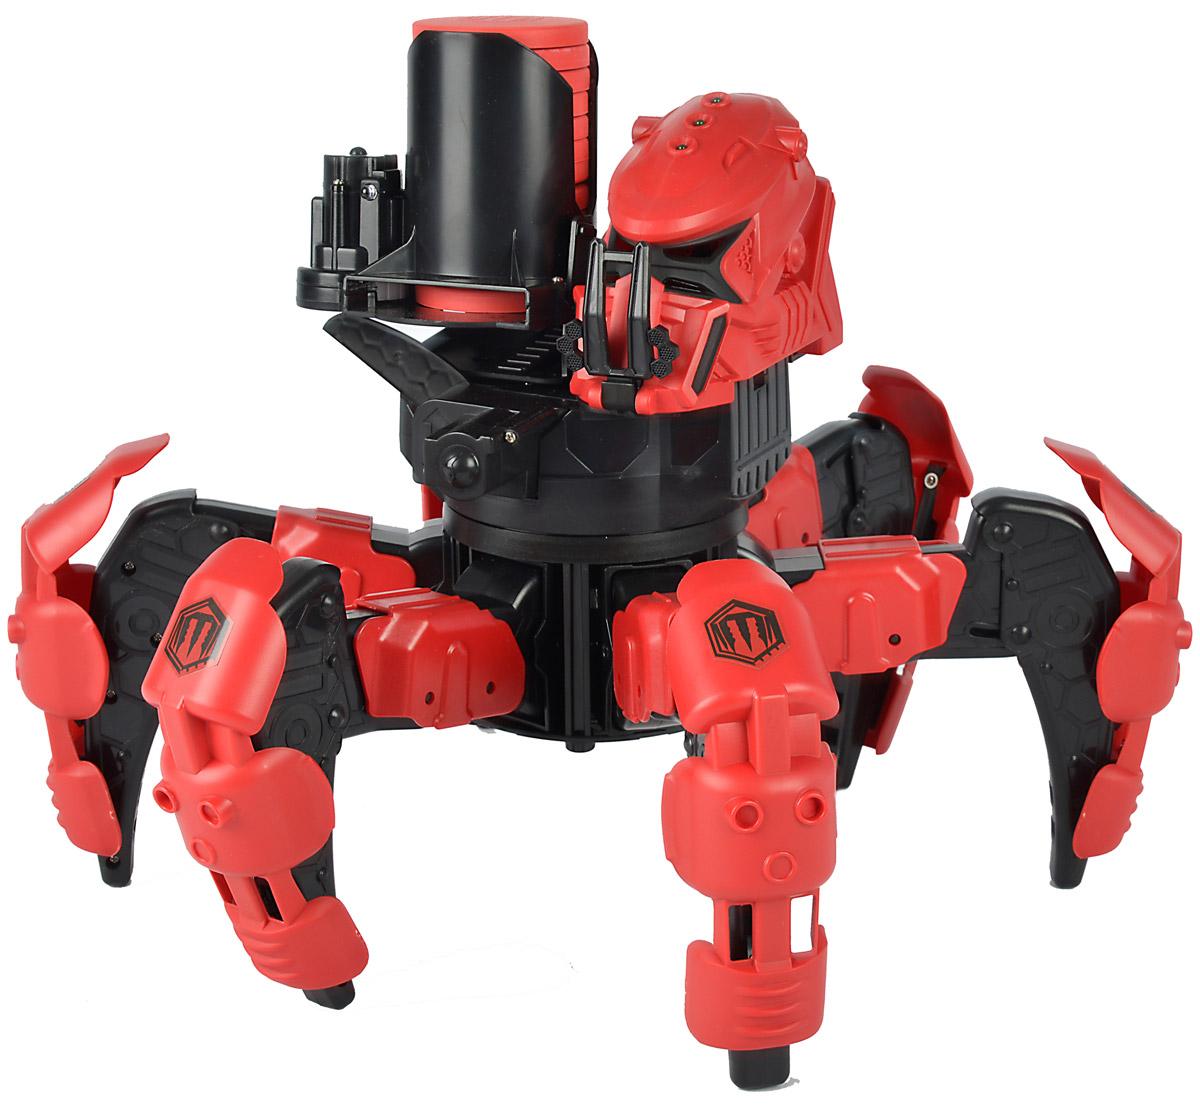 Dickie Toys Робот на радиоуправлении Doom Razor